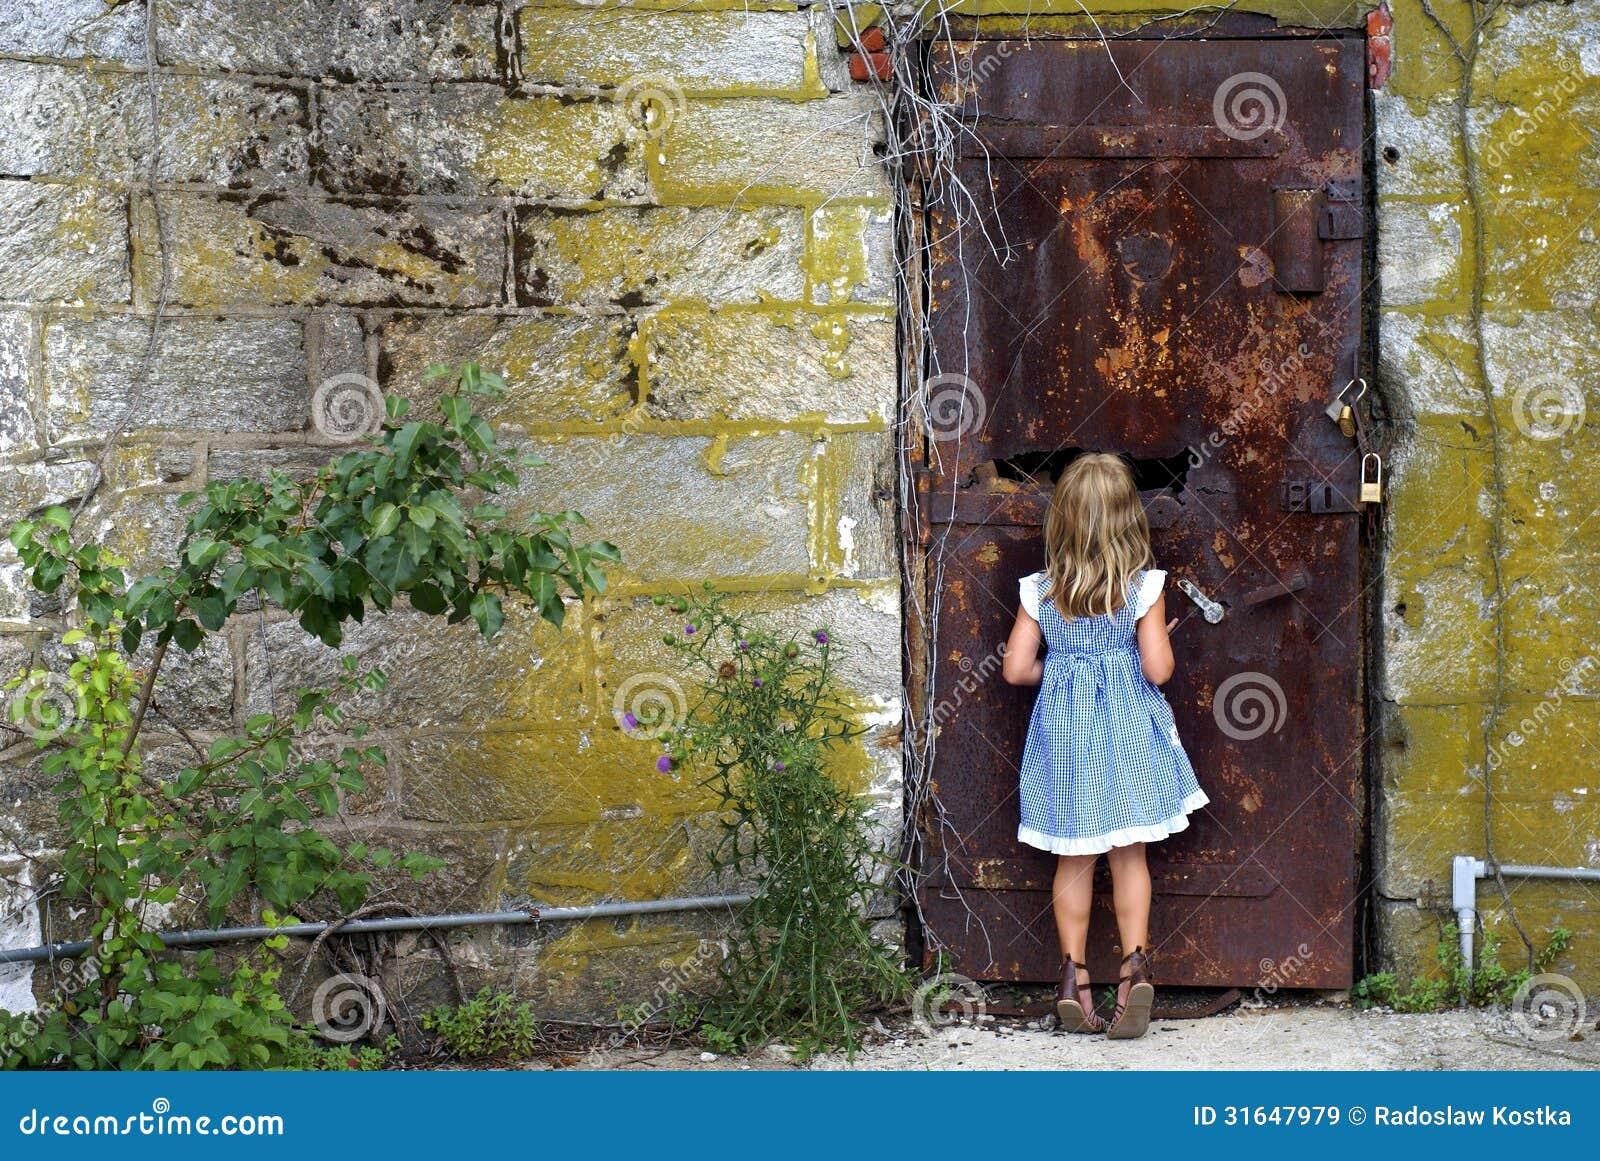 That Is Behind The Door?